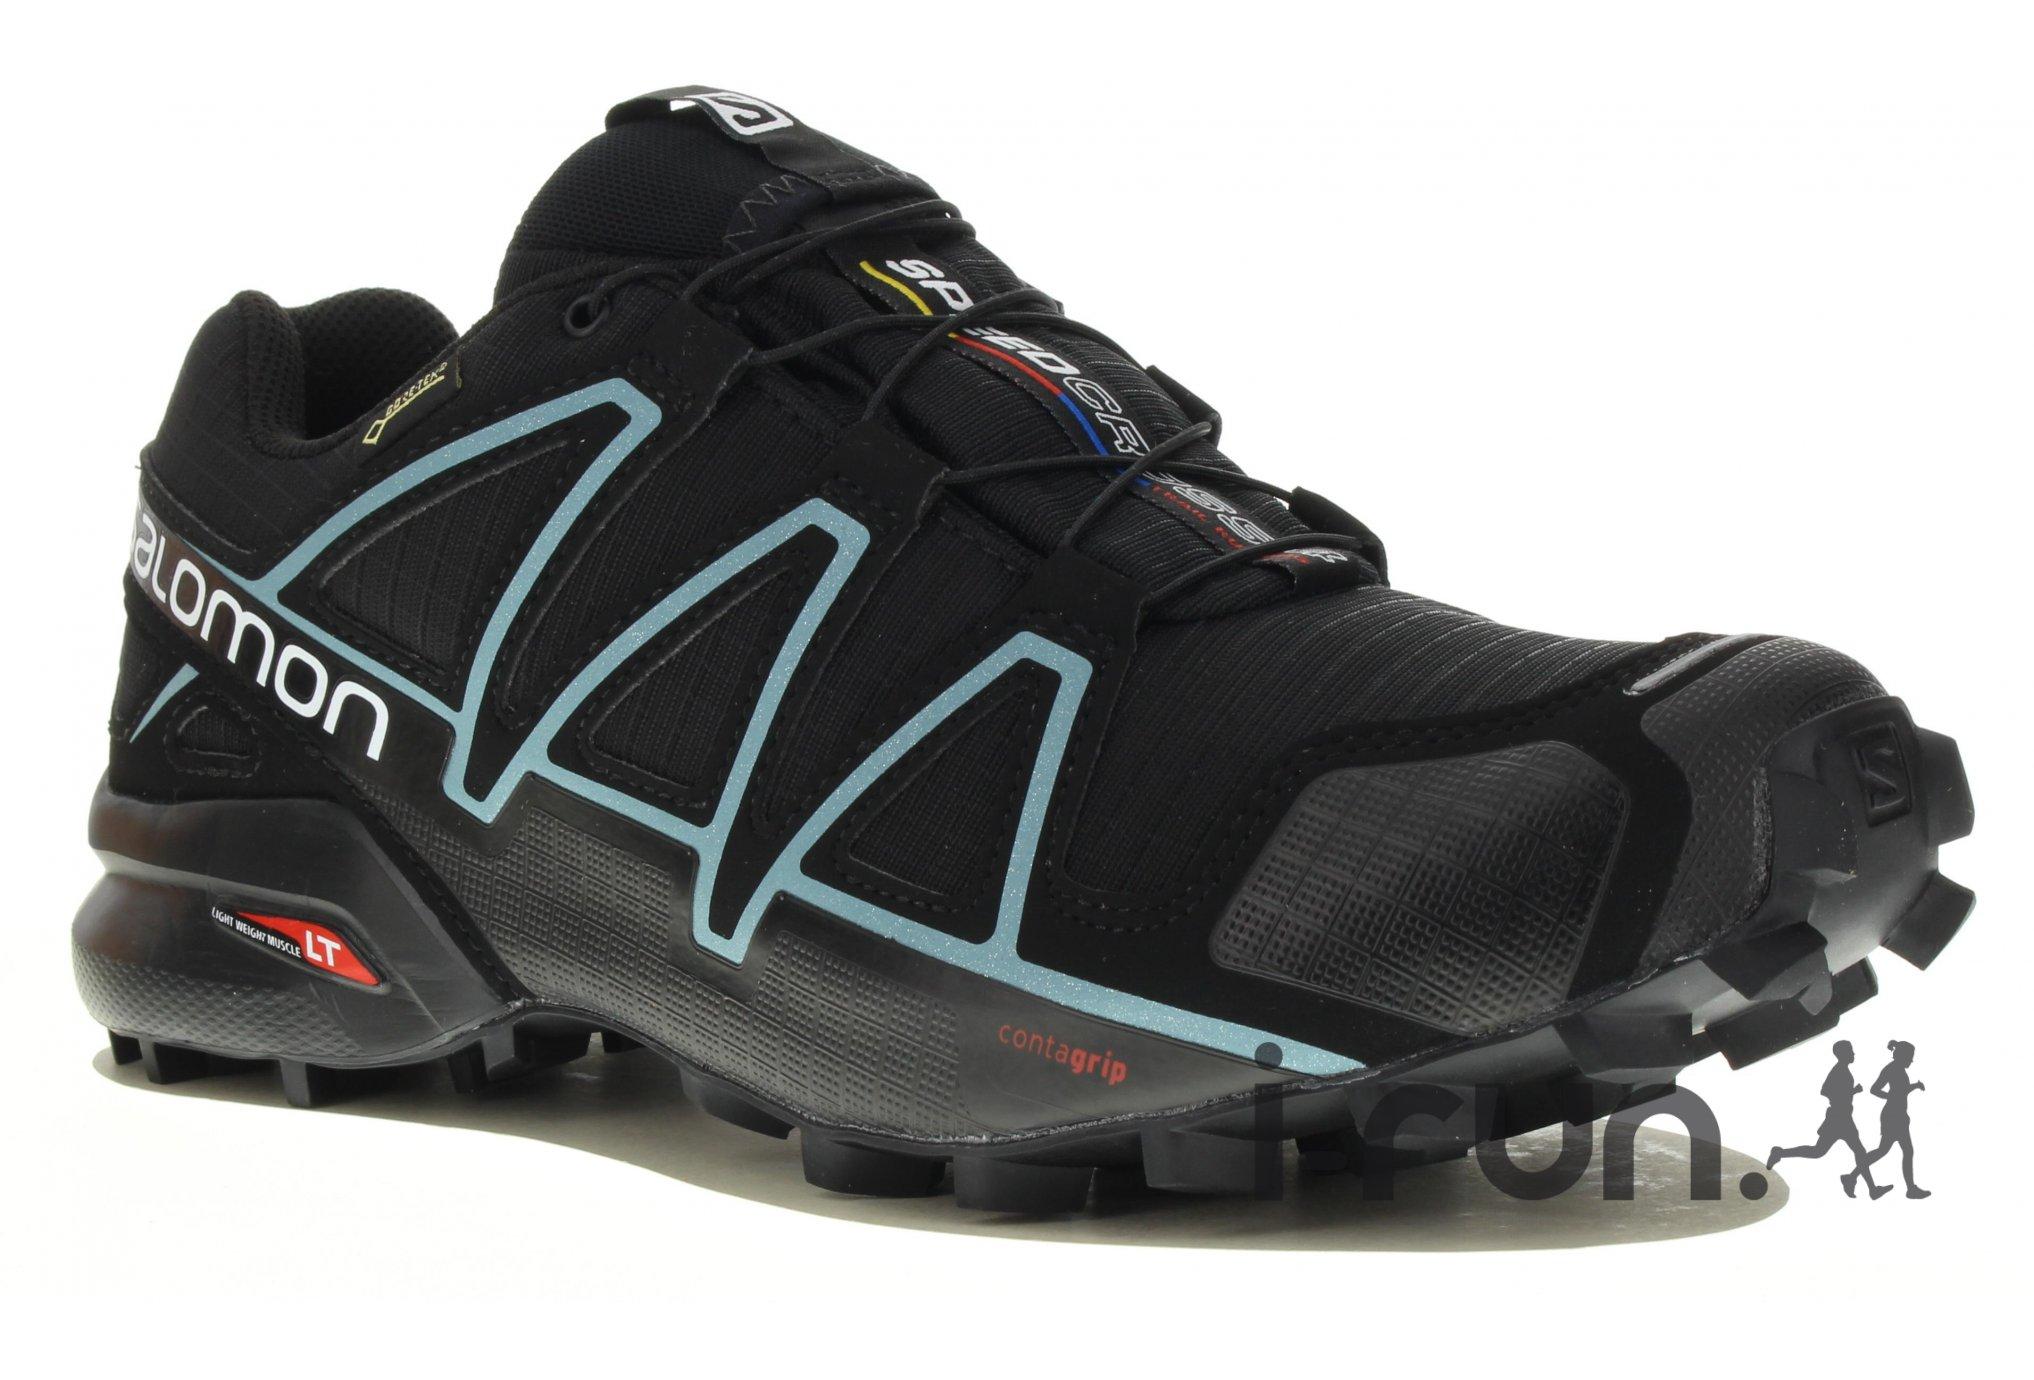 Salomon SPEEDCROSS 4 Gore-Tex W Chaussures running femme